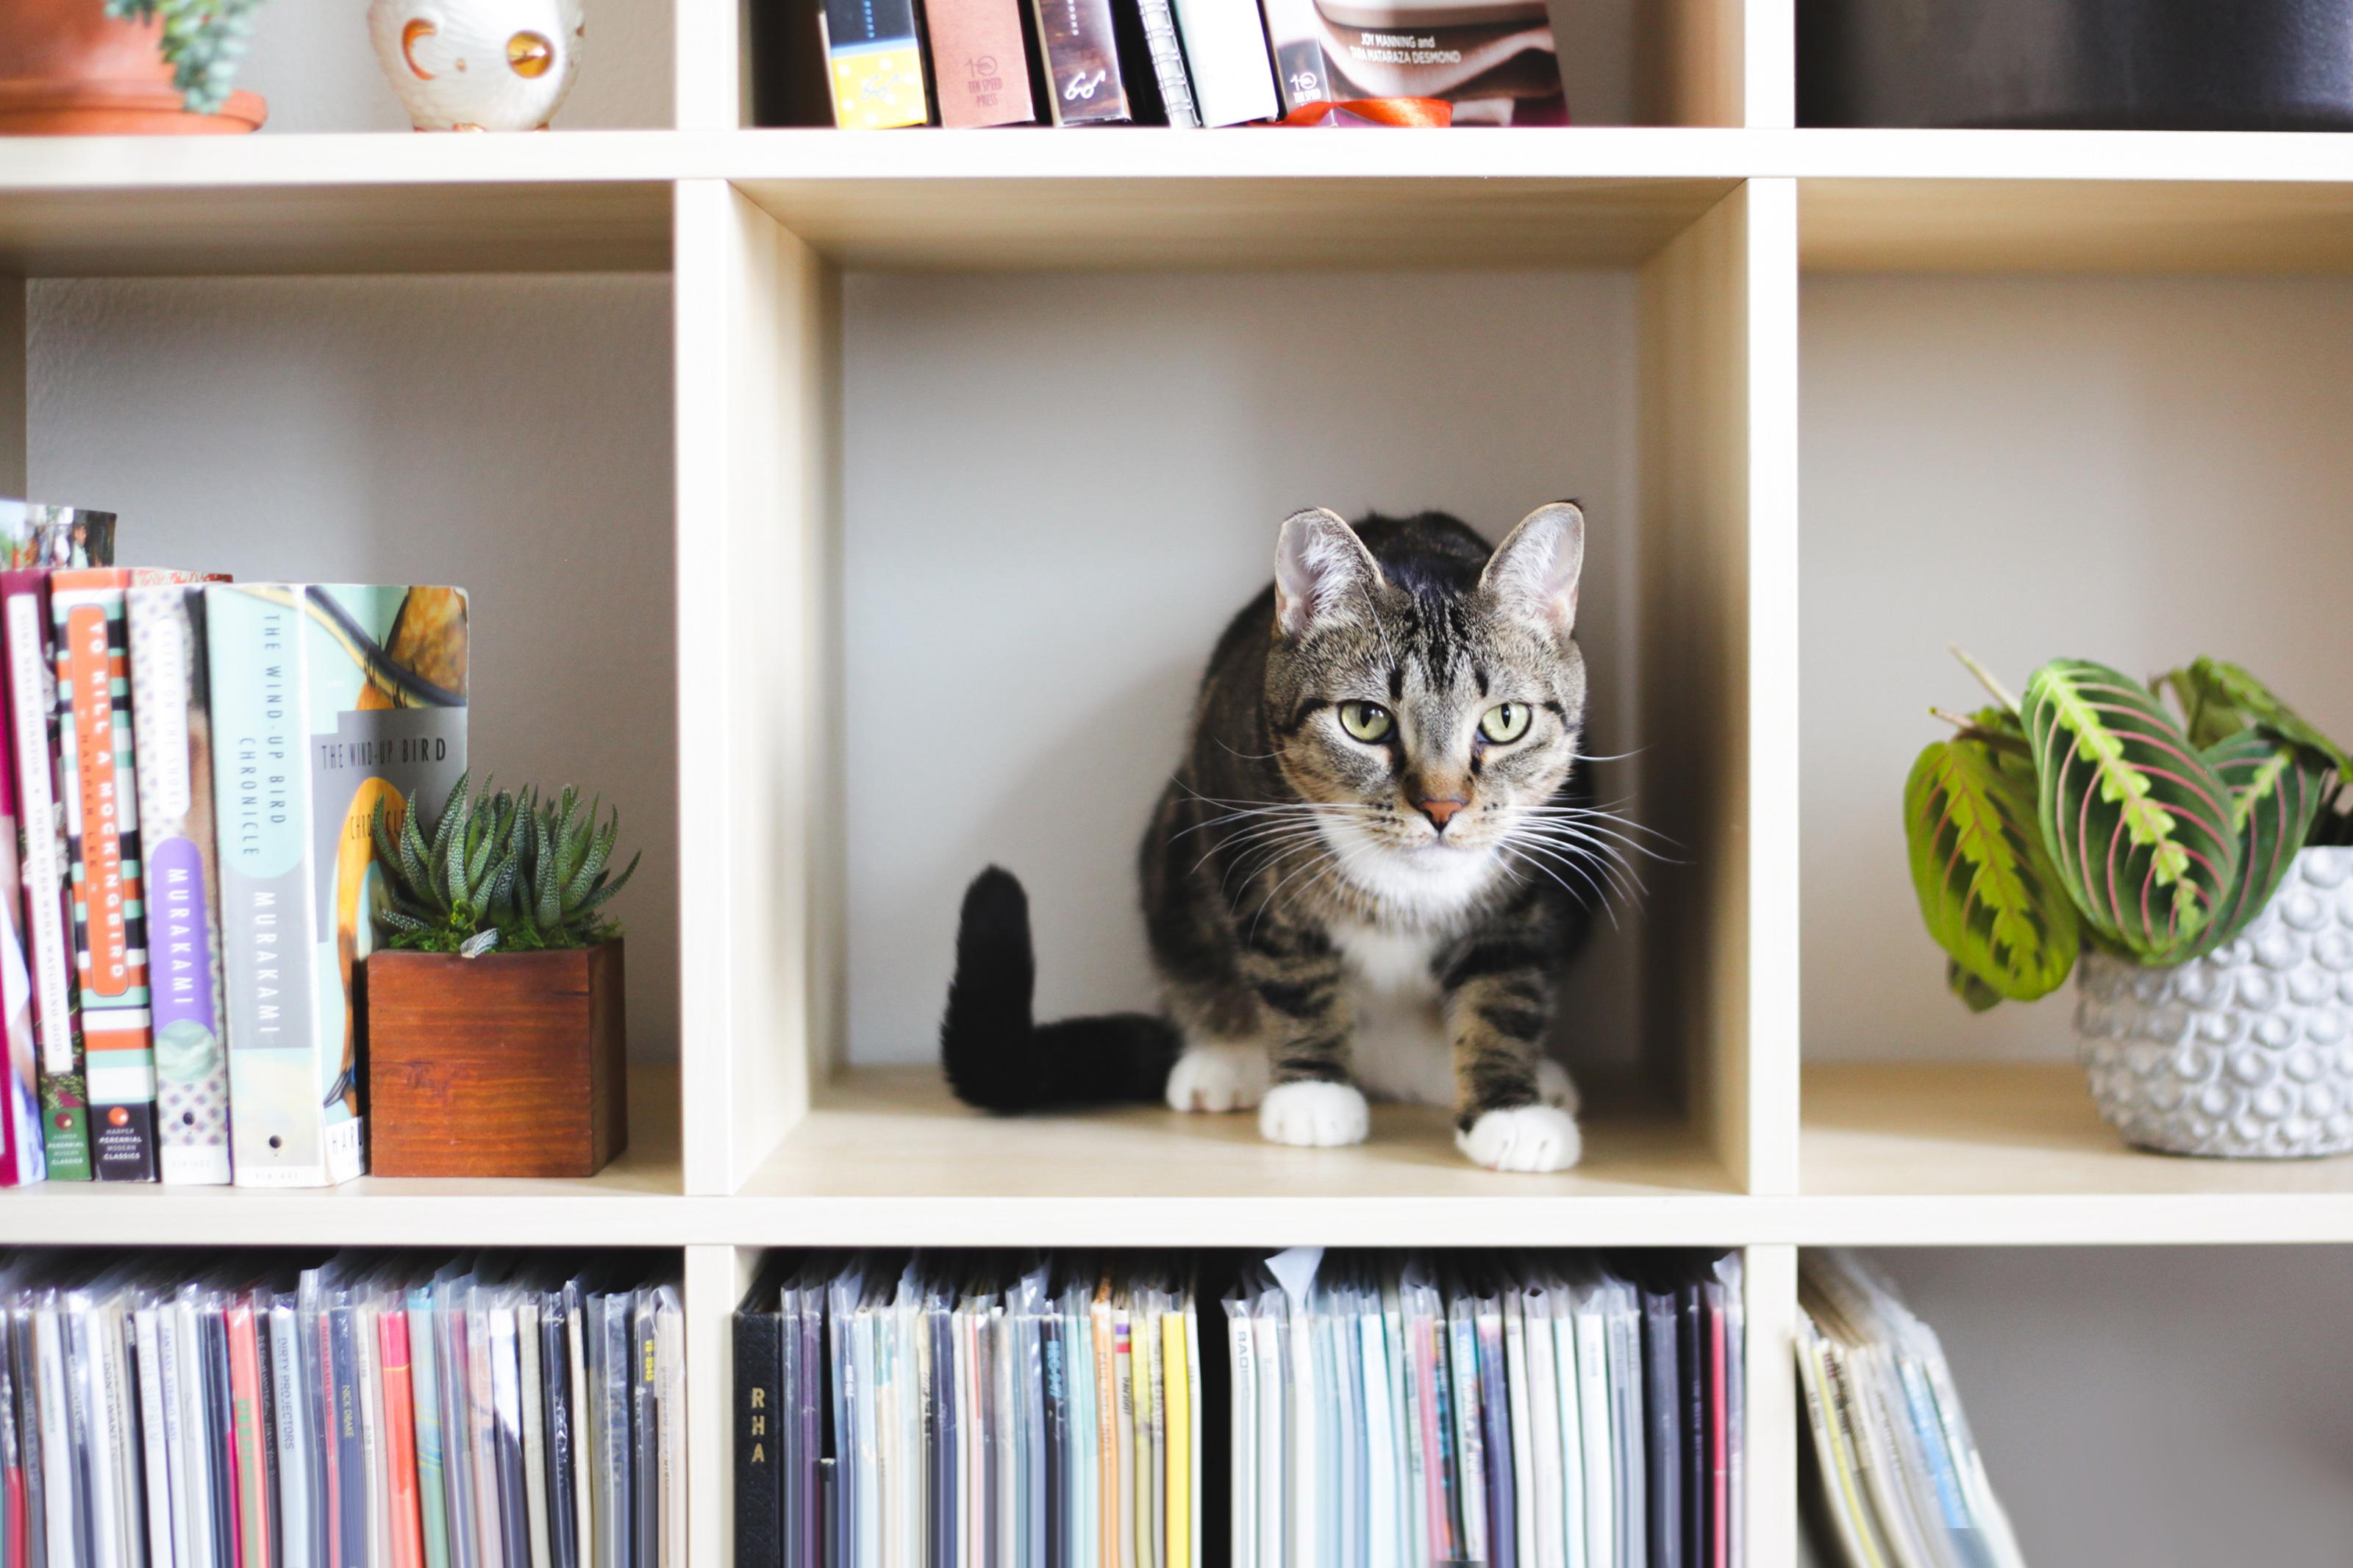 Cat on organized bookshelves